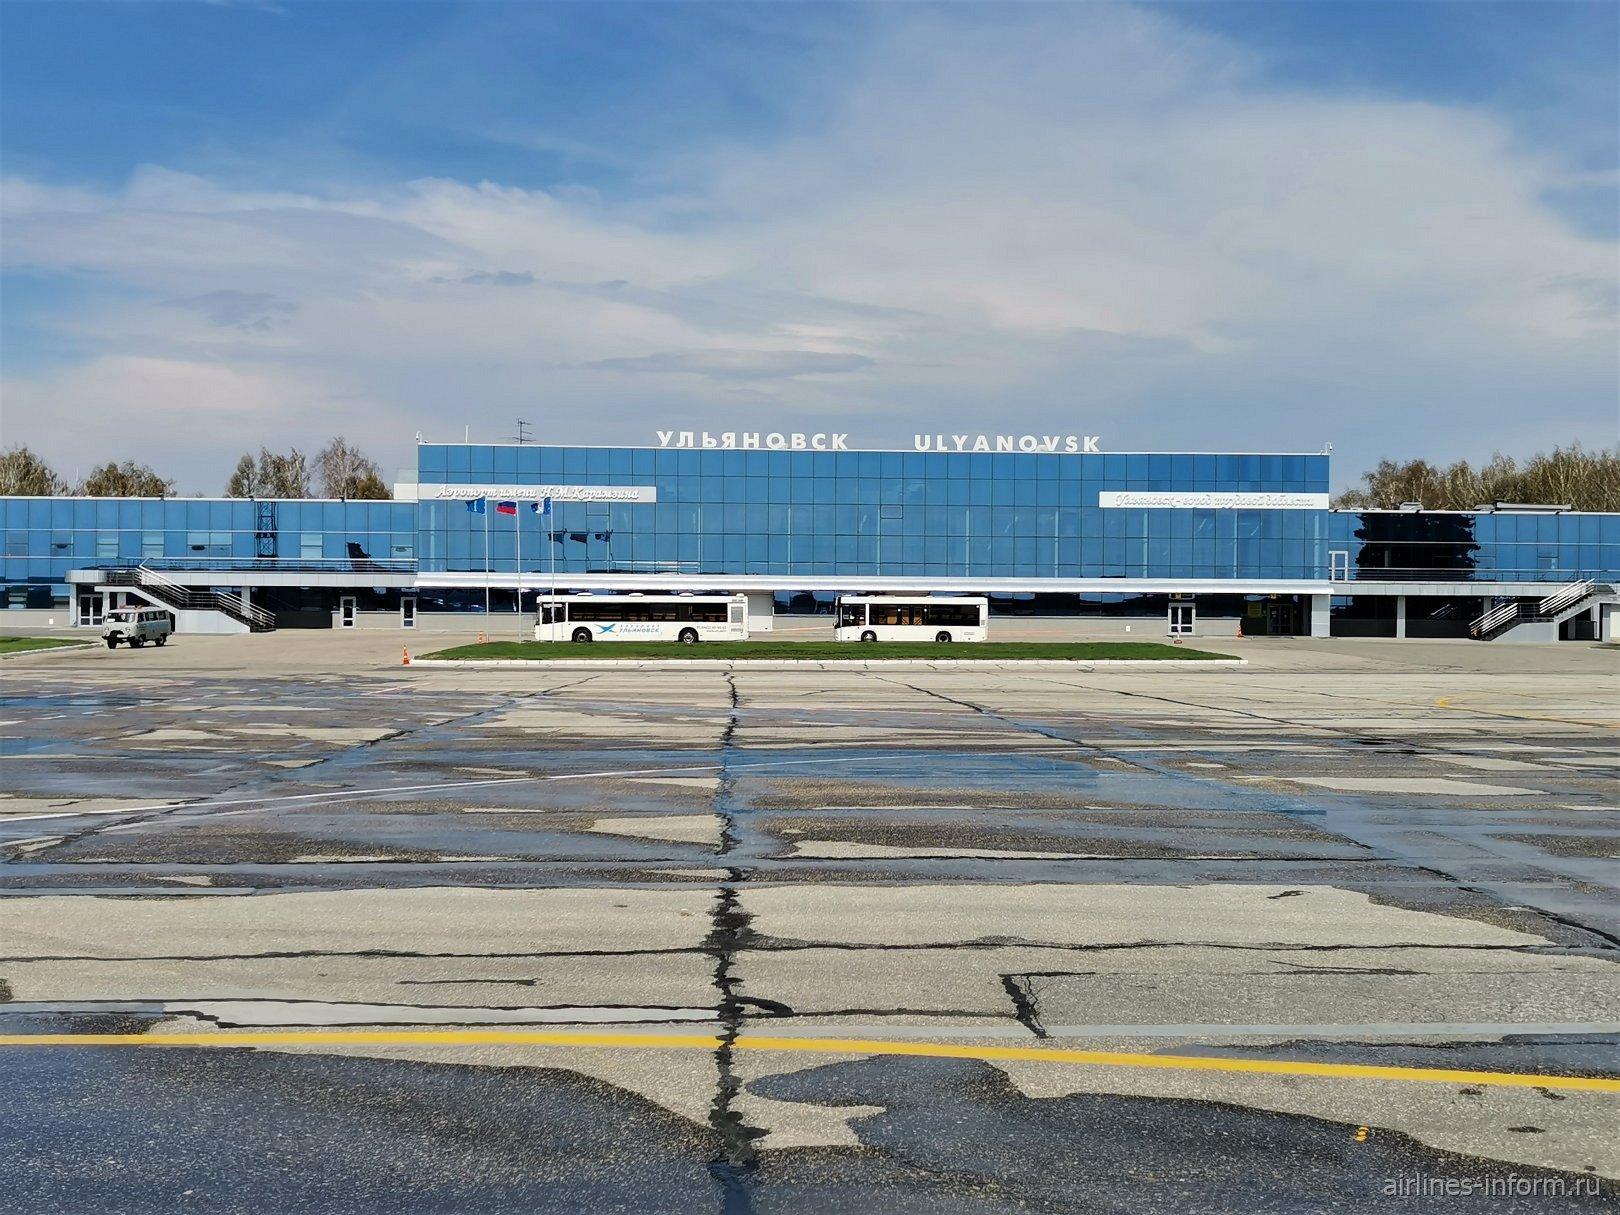 Вид с перрона на пассажирский терминал аэропорта Ульяновск Баратаевка